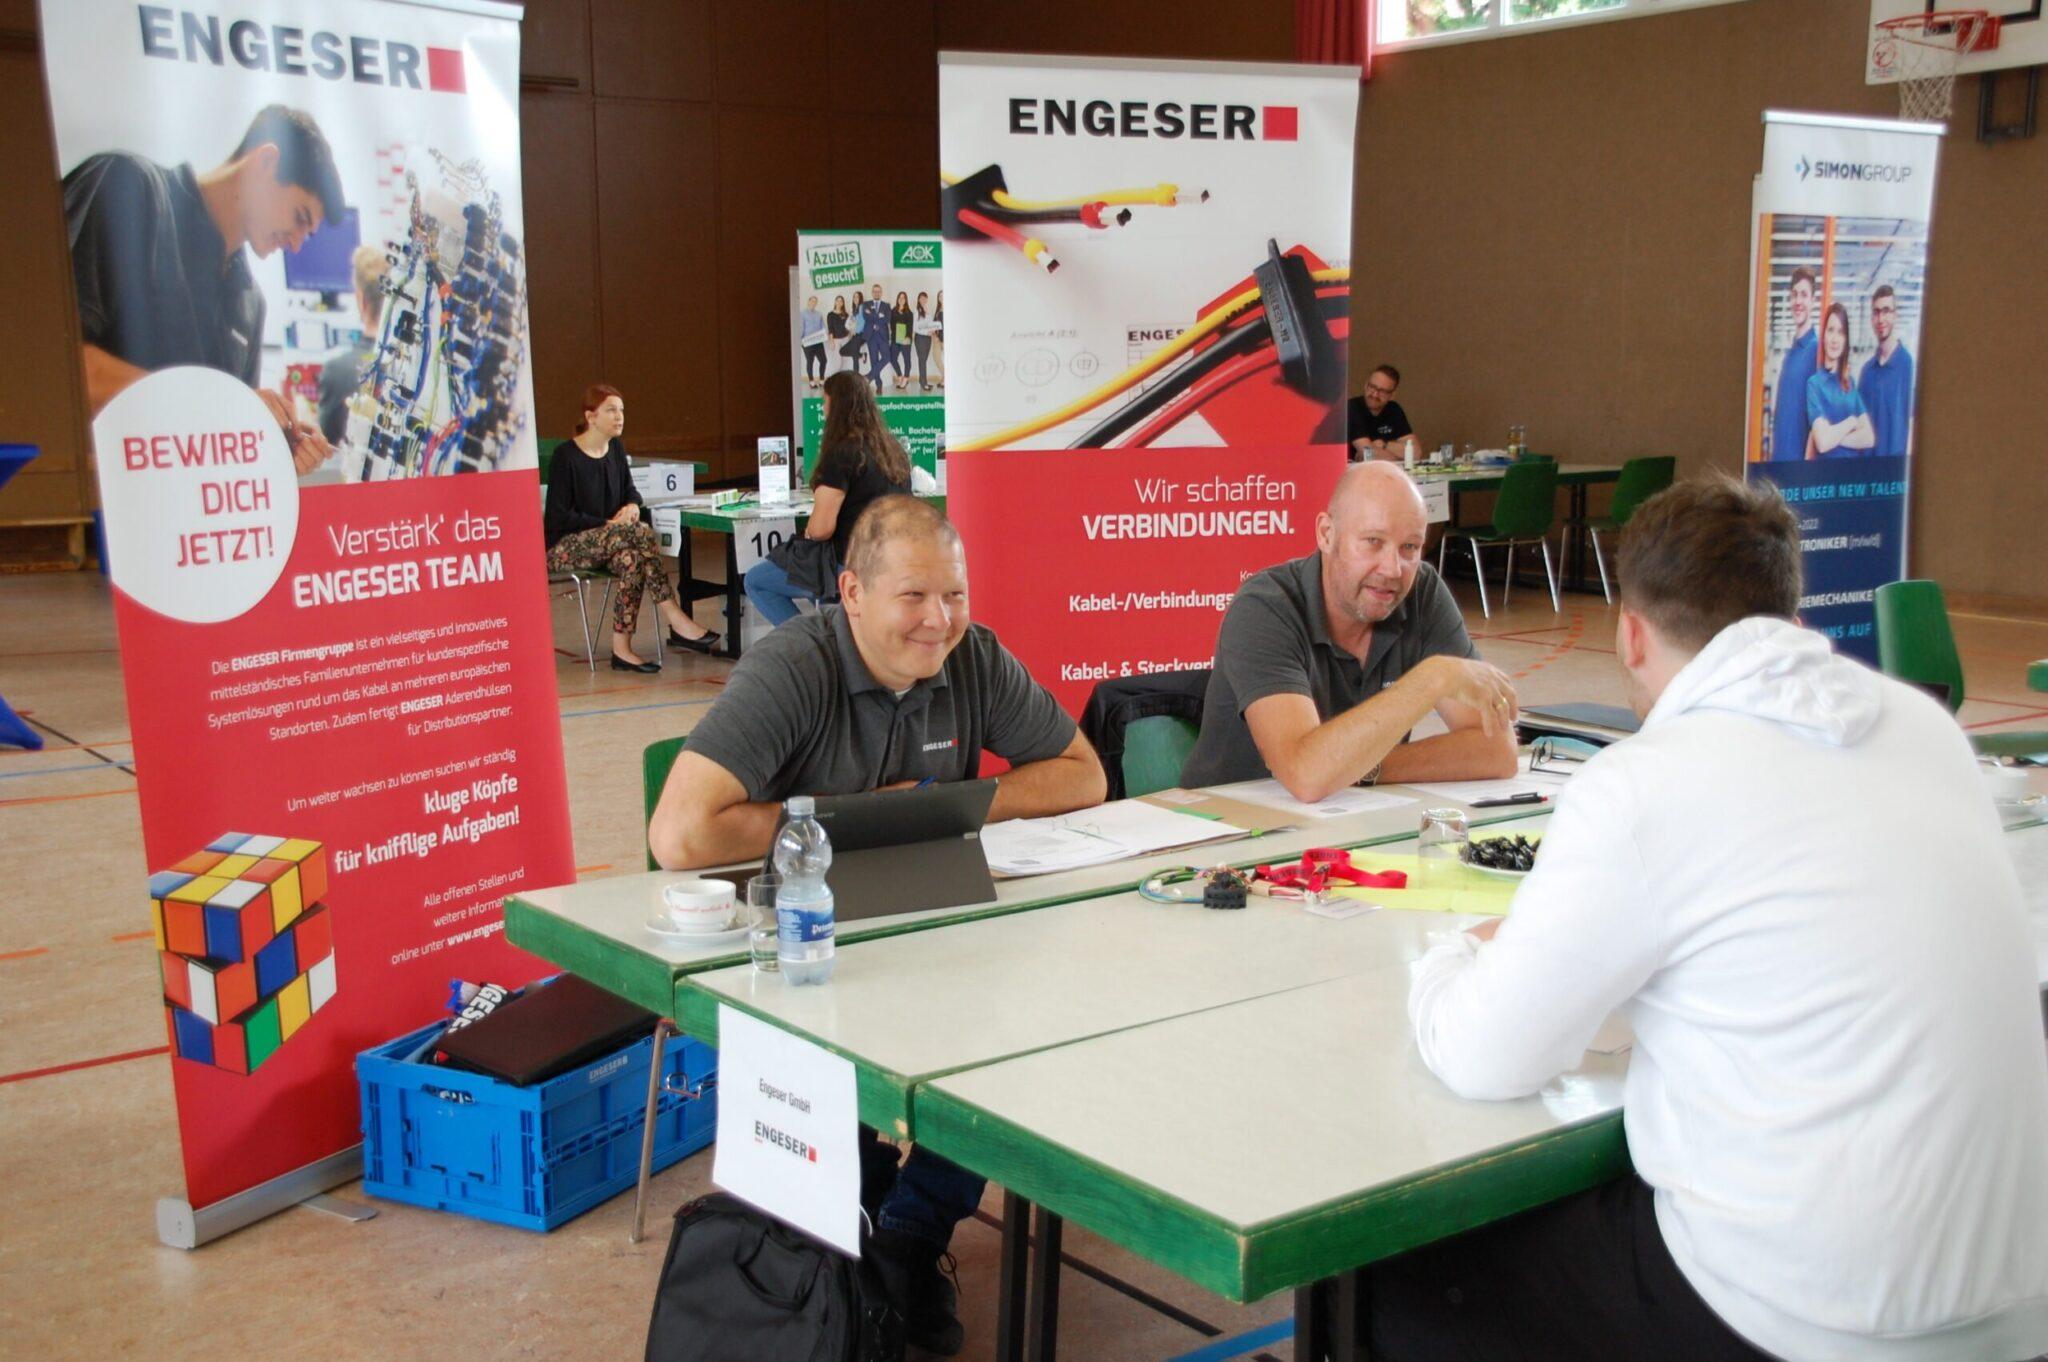 Ein potentieller Bewerber im Gespräch mit Vertretern der Firma Engeser, die auch beim Speed-Dating vertreten ist. Alle Fotos: lm